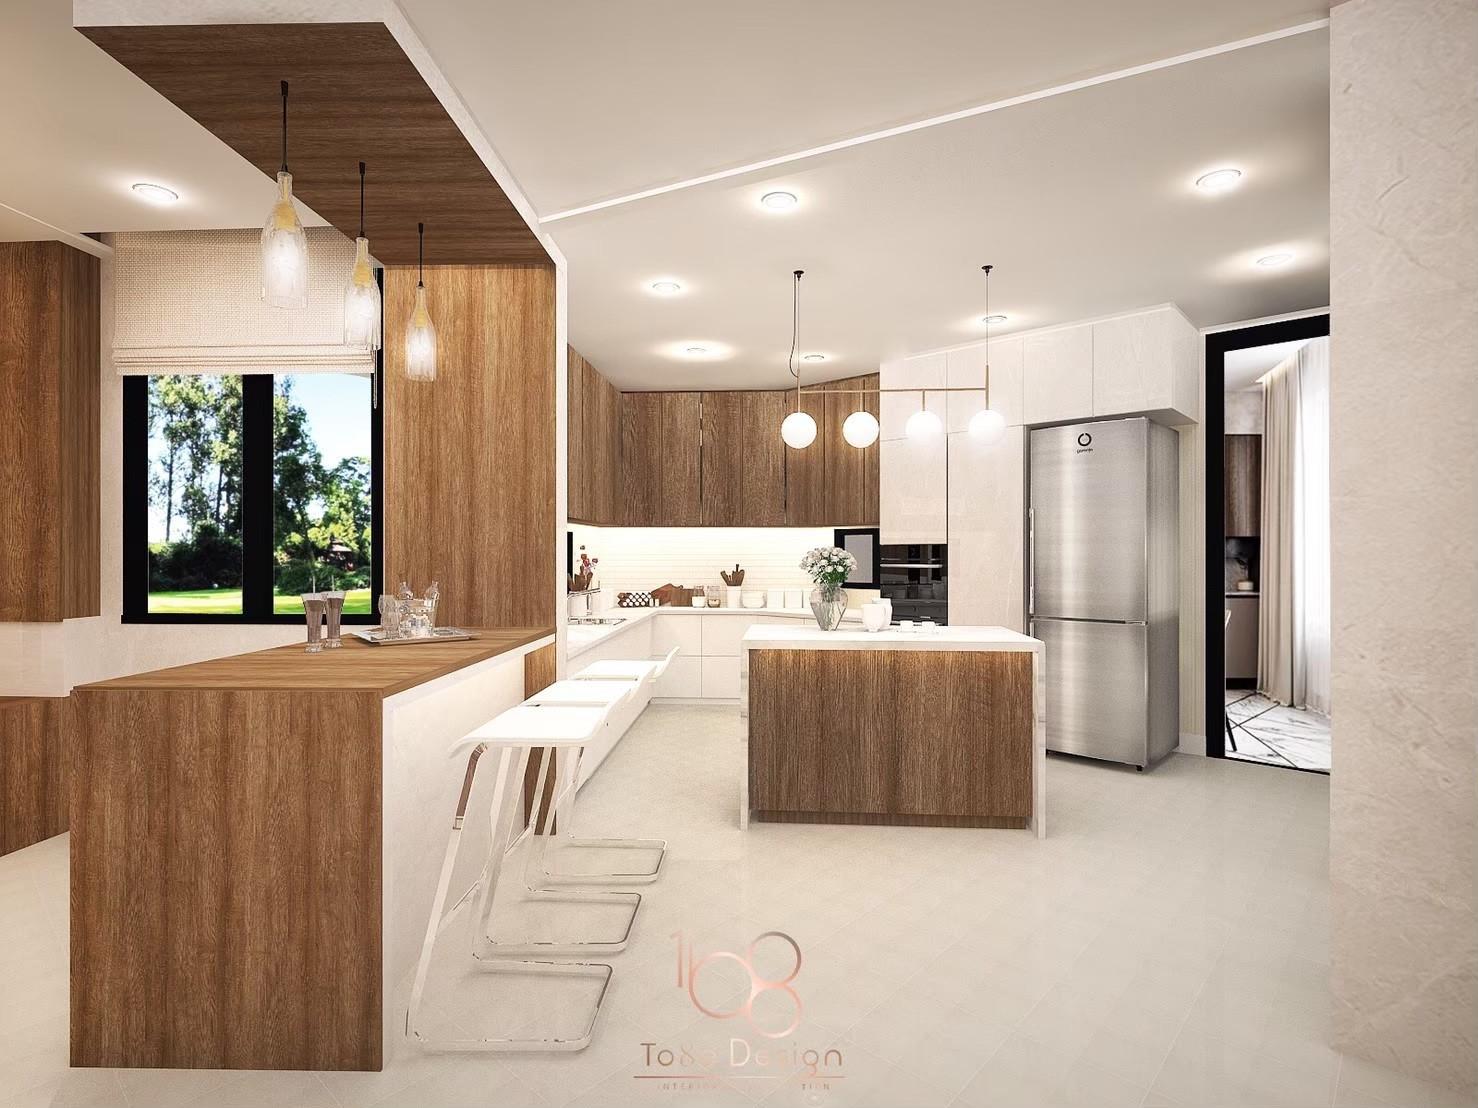 บริการ-รับออกแบบตกแต่งภายใน-ห้องครัว